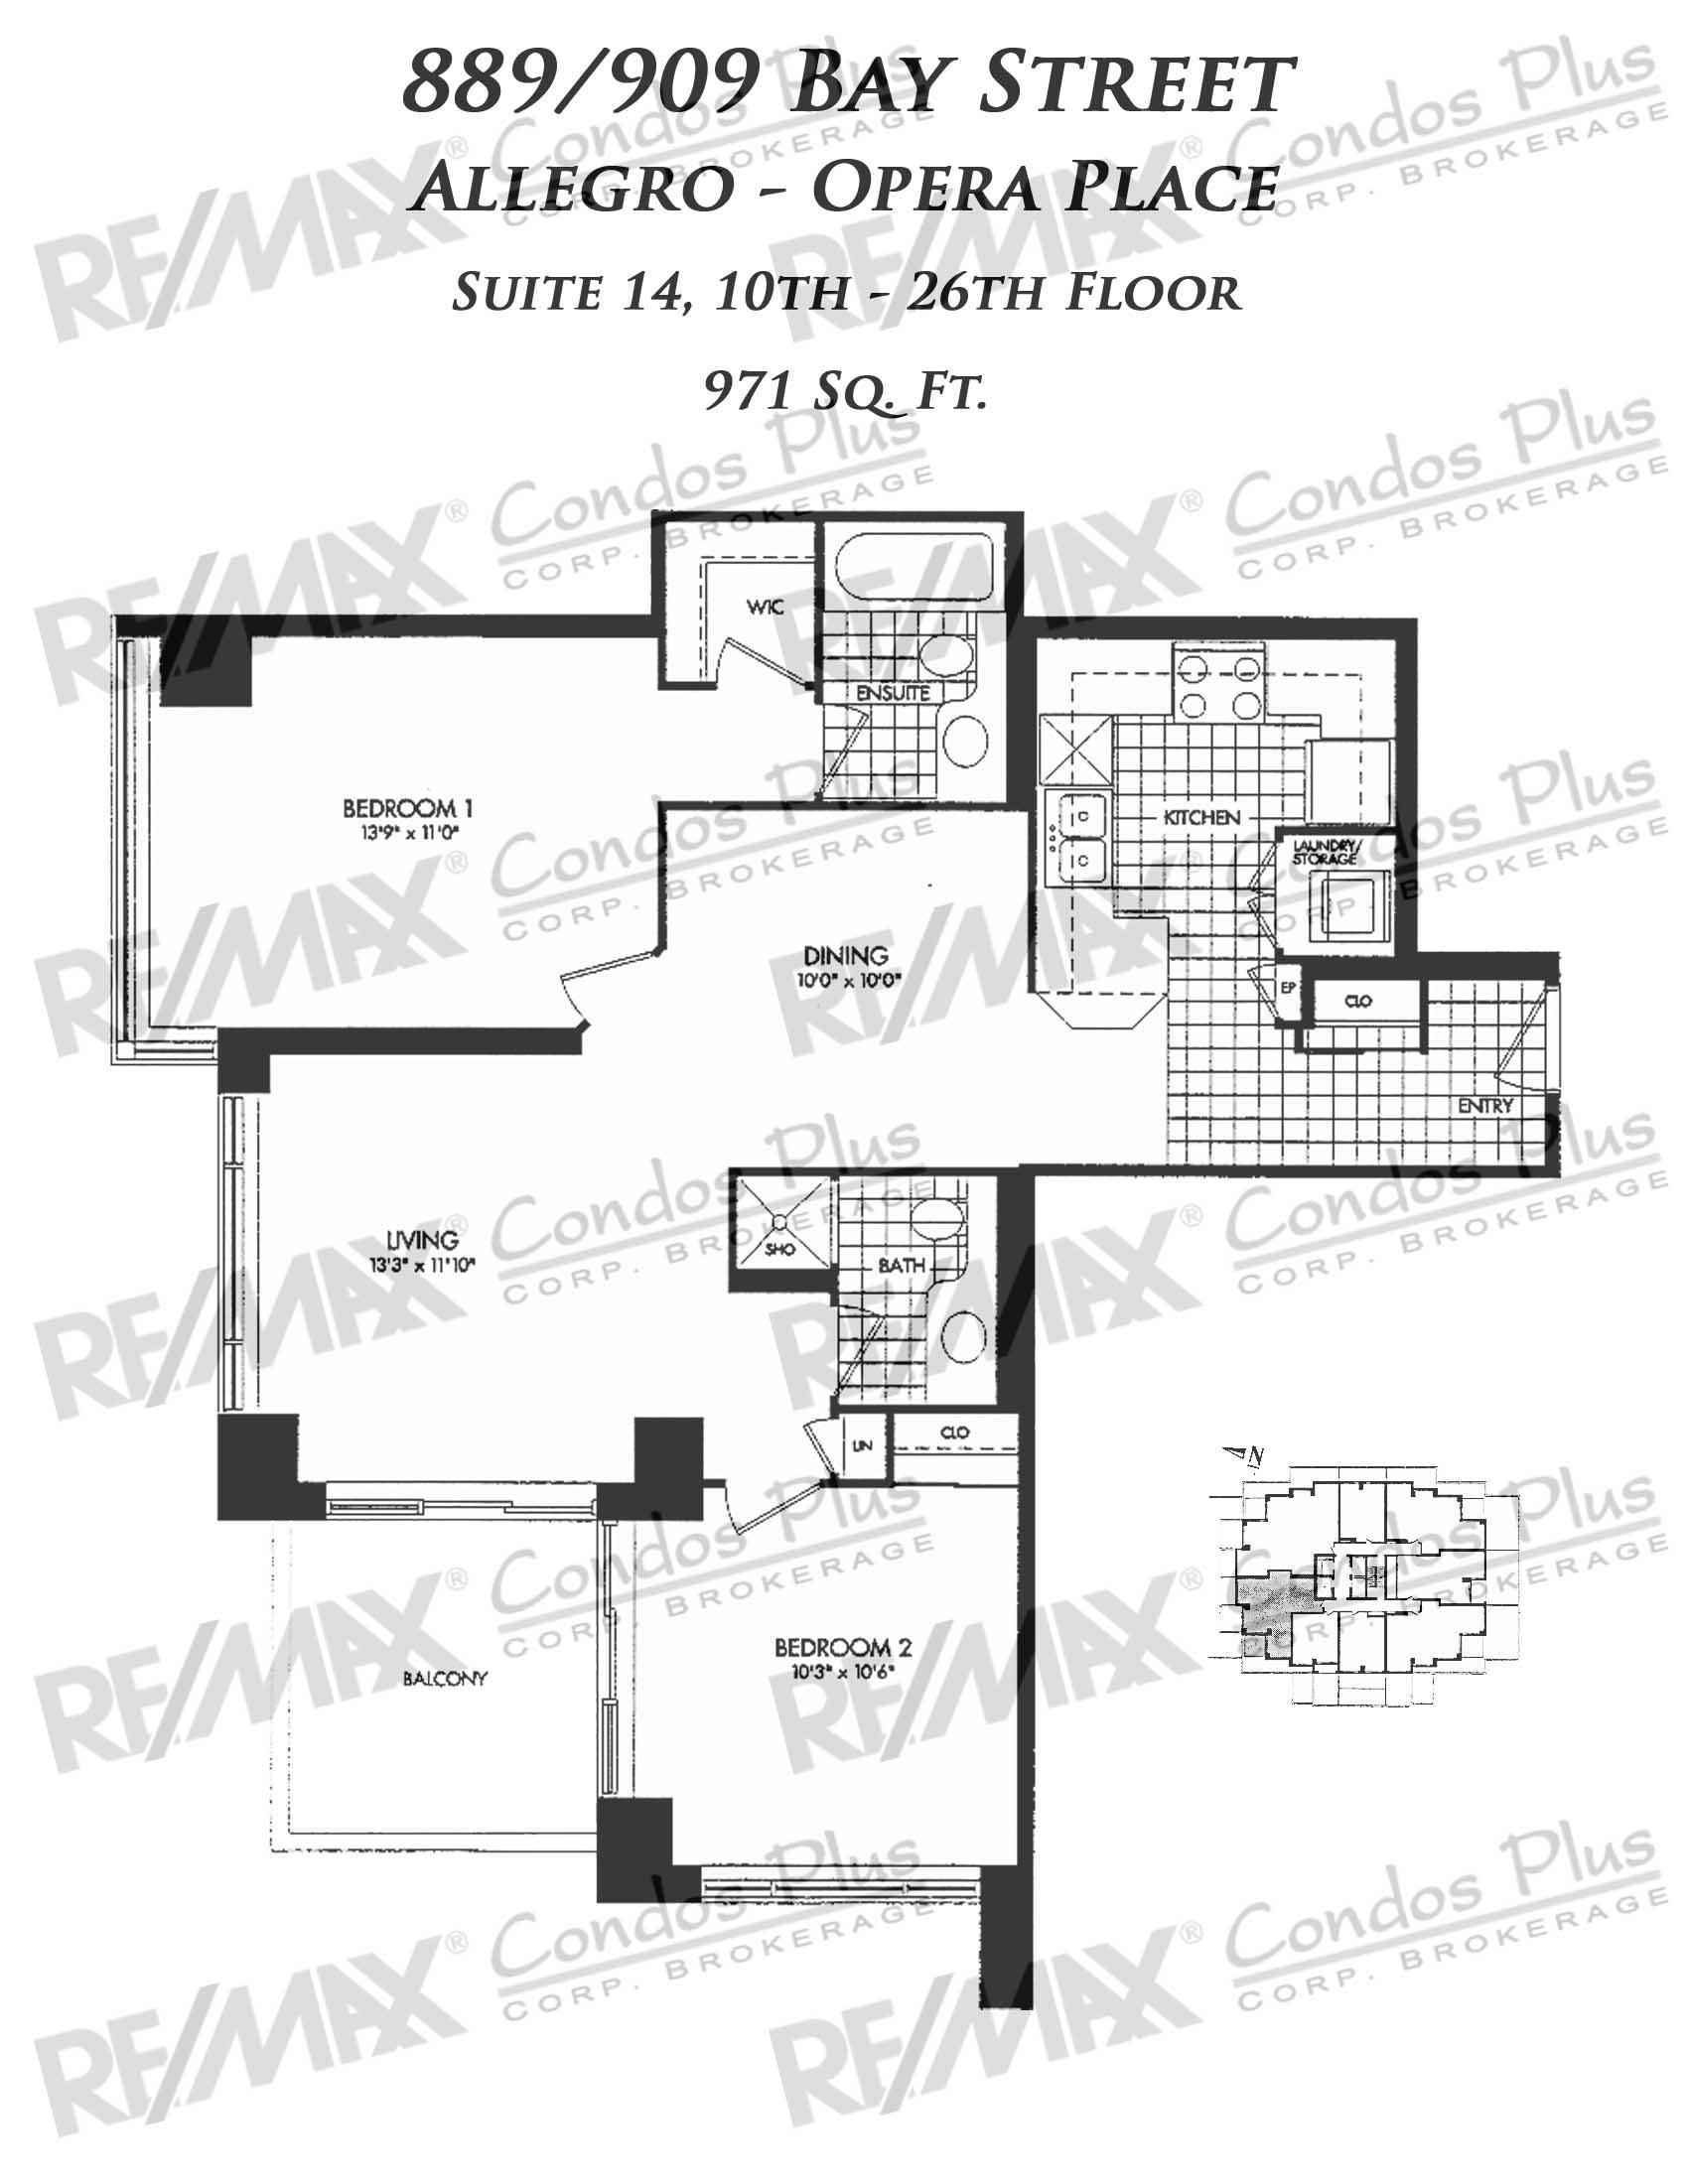 Suite 14